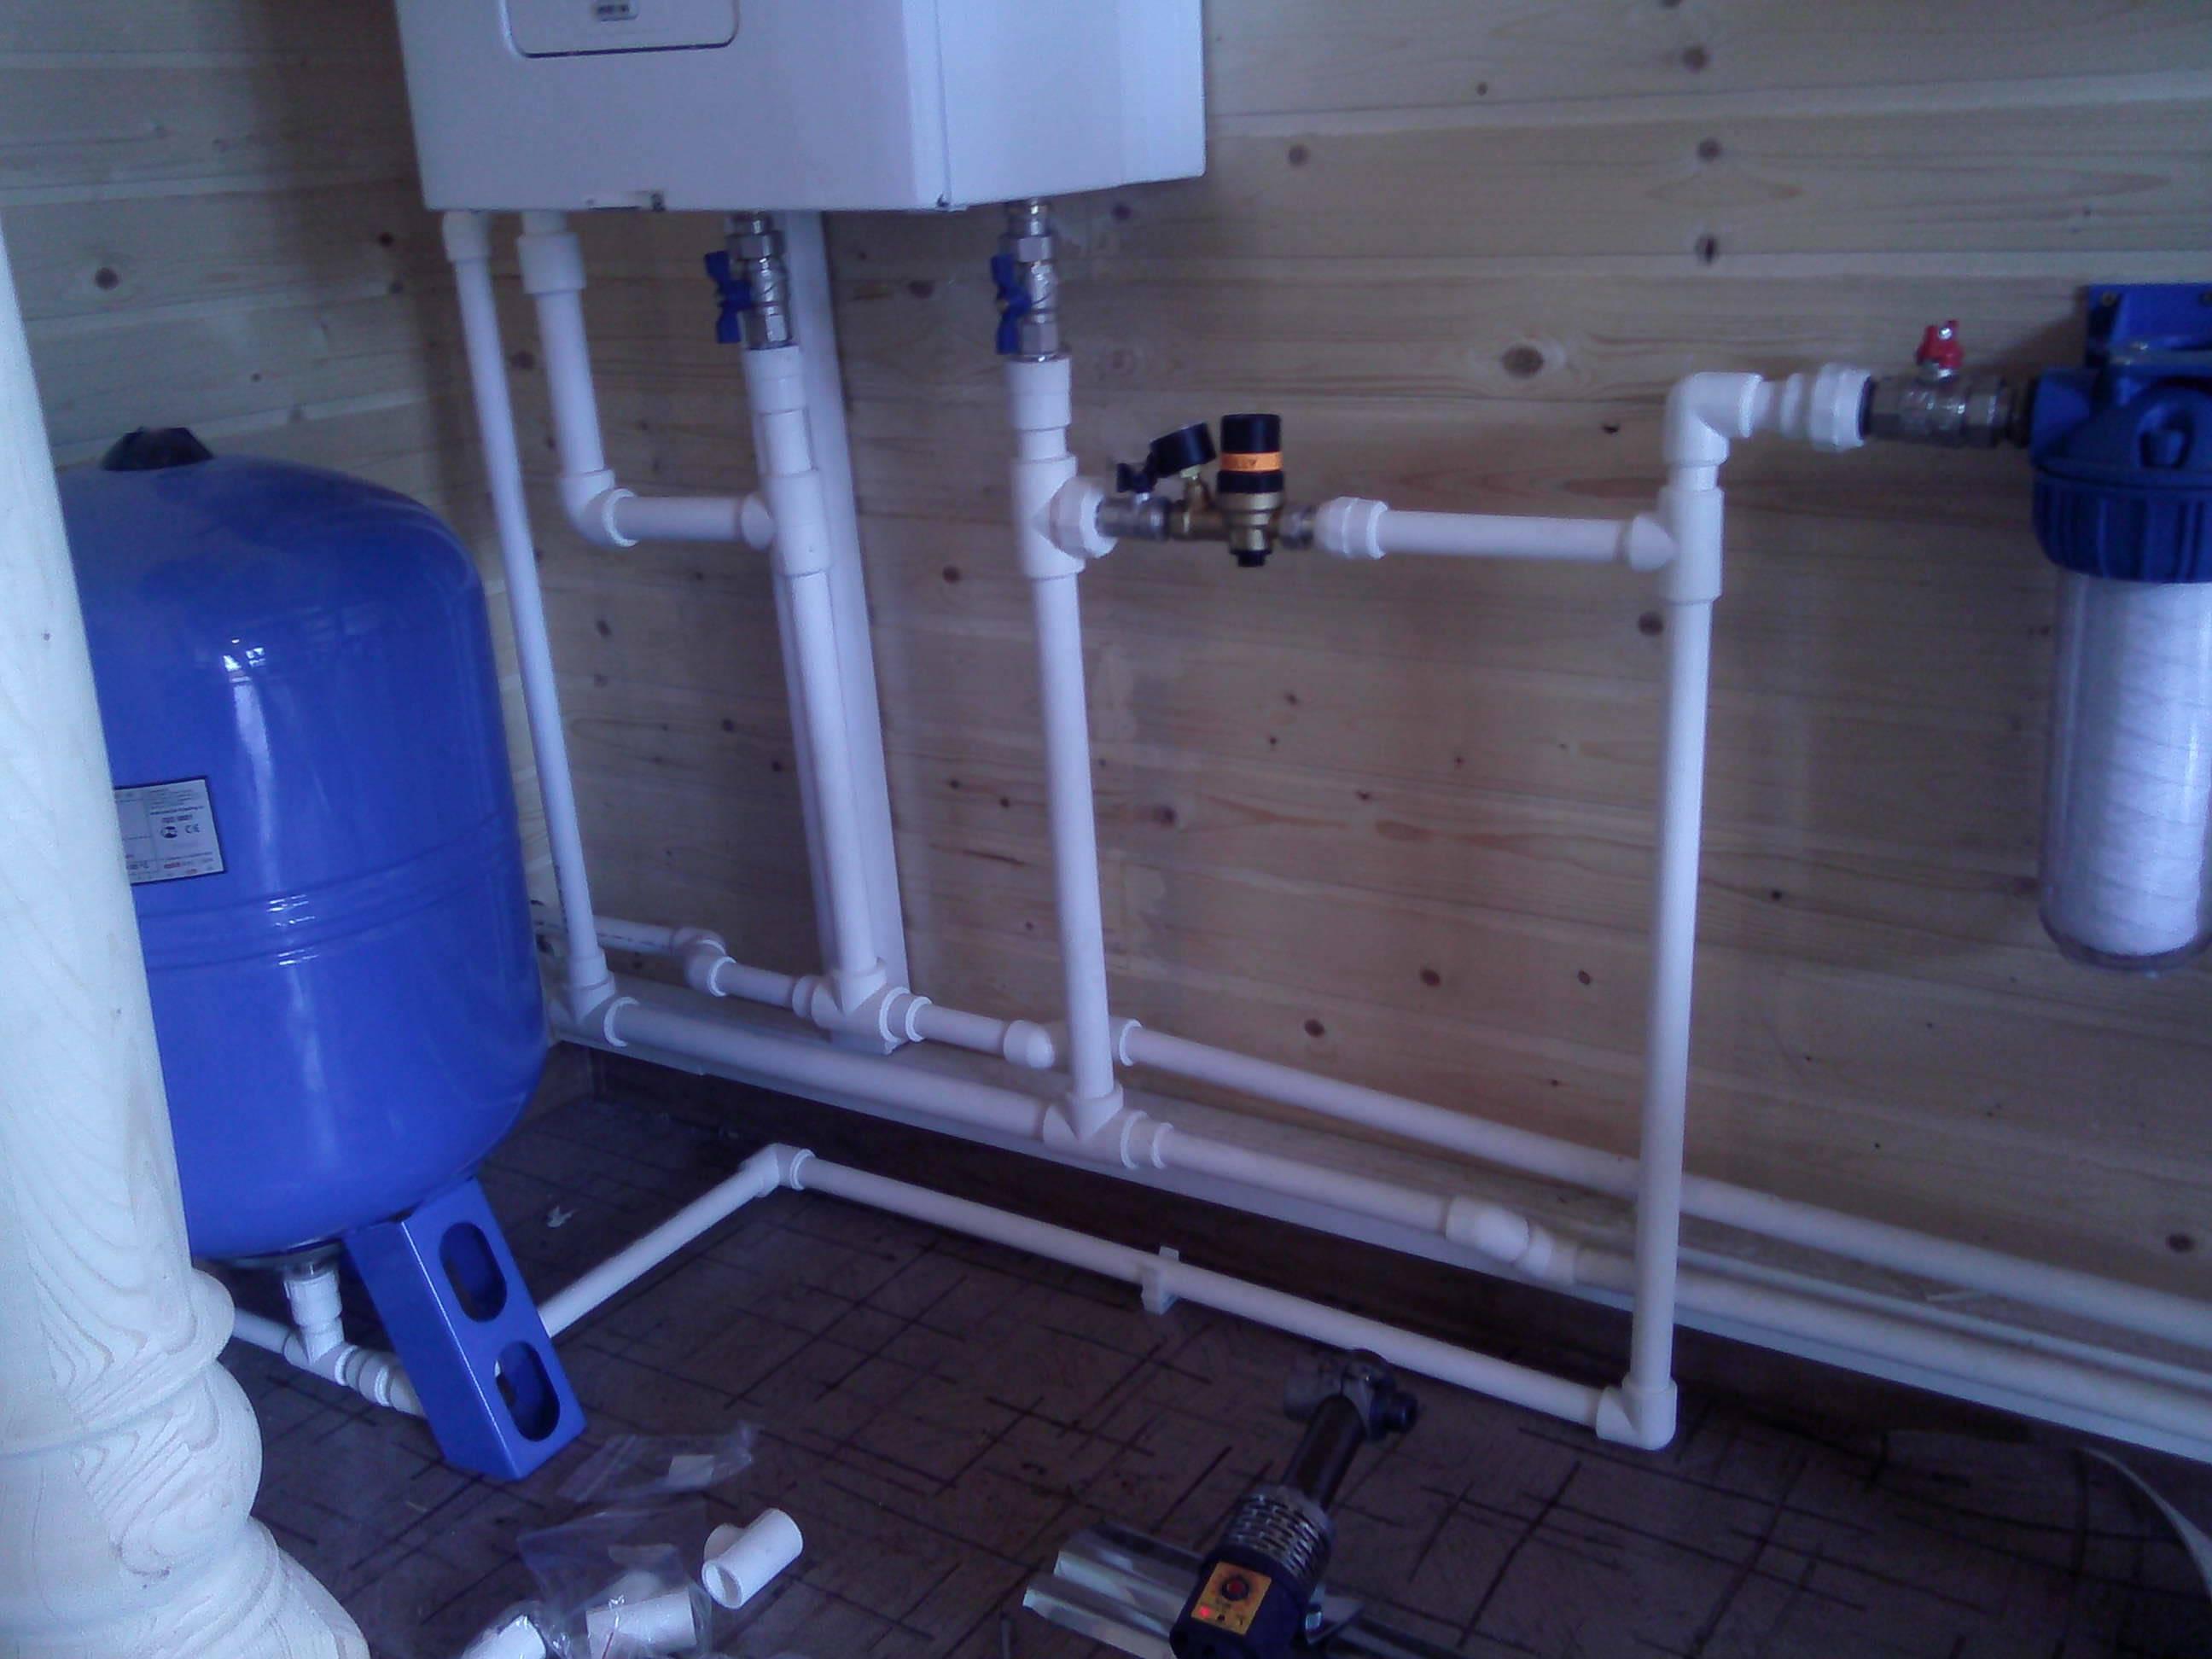 Пластиковые трубы для водопровода: монтаж водопроводной конструкции, как соединить, соединение своими руками, диаметр изделий